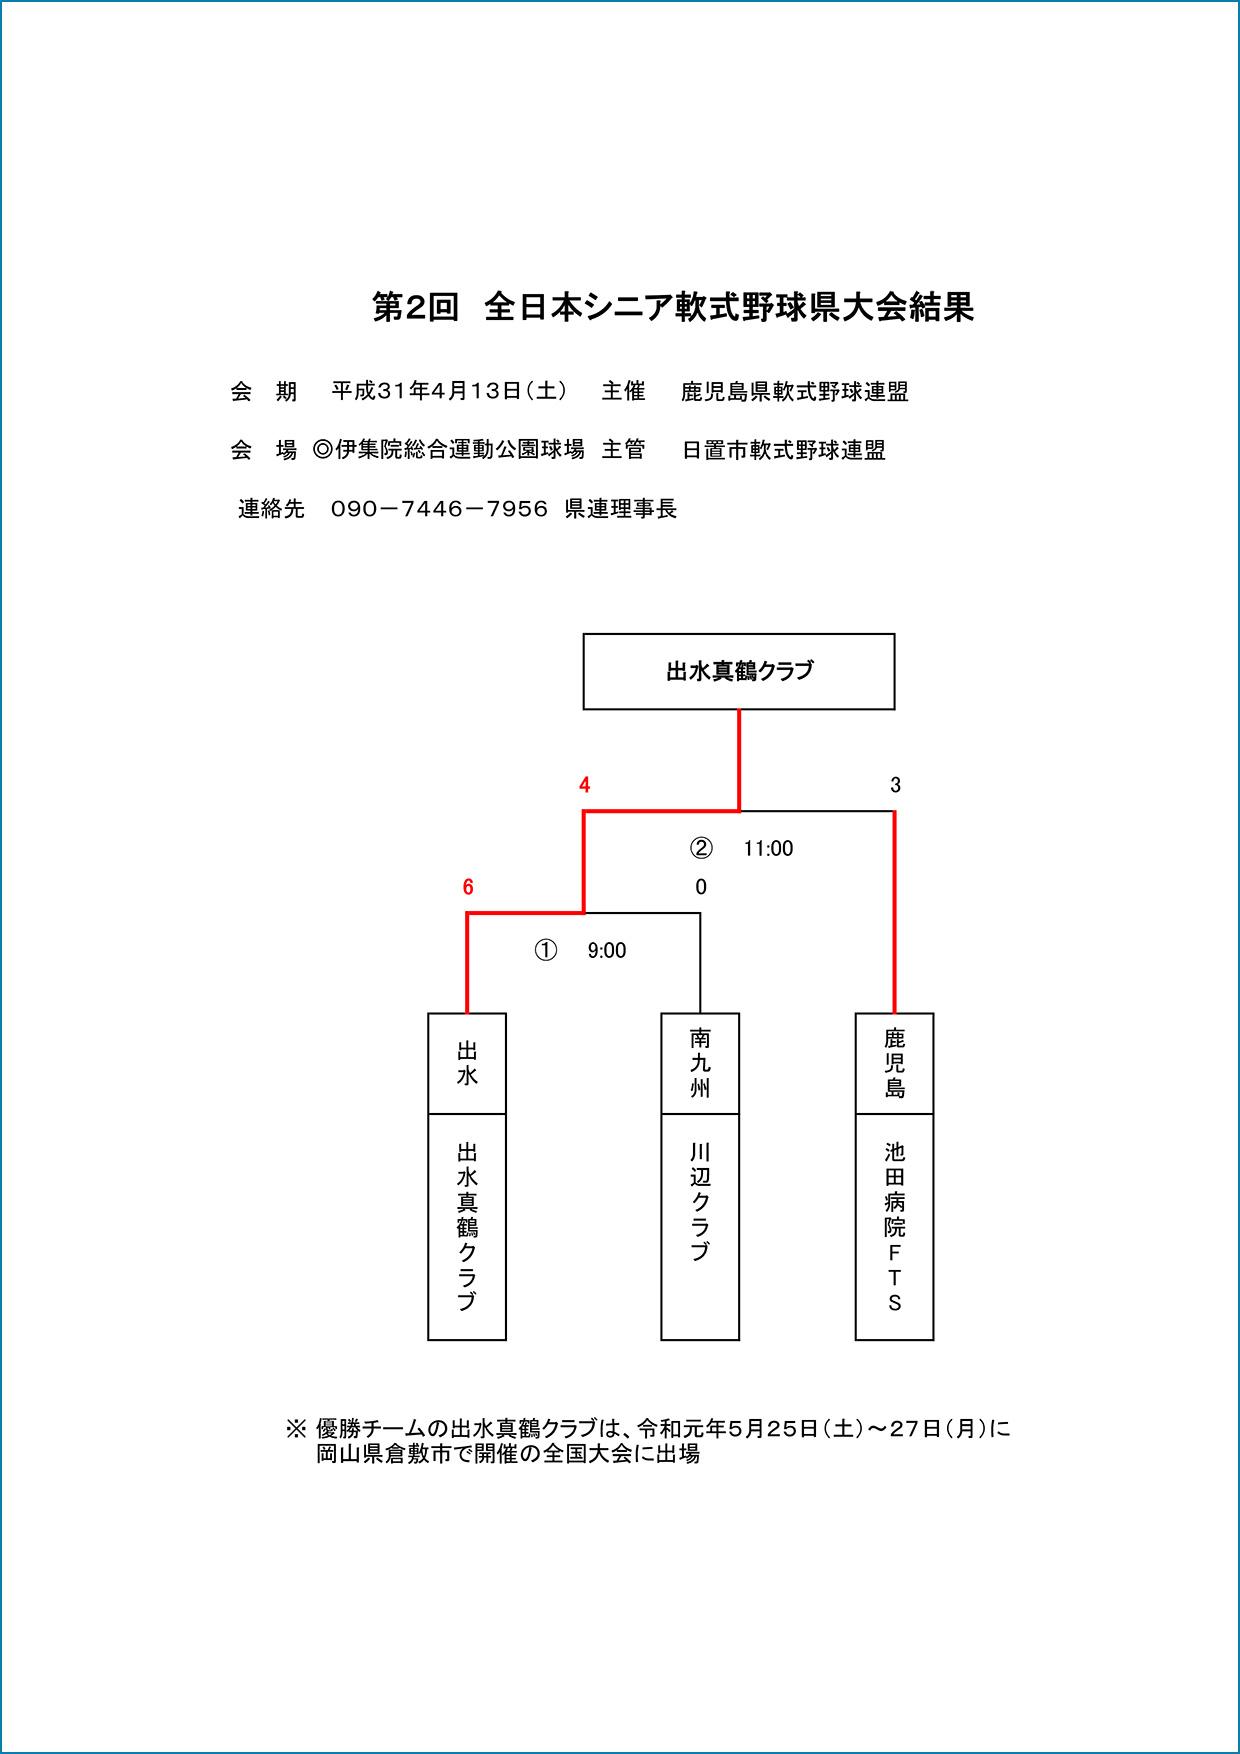 【結果】第2回全日本シニア大会